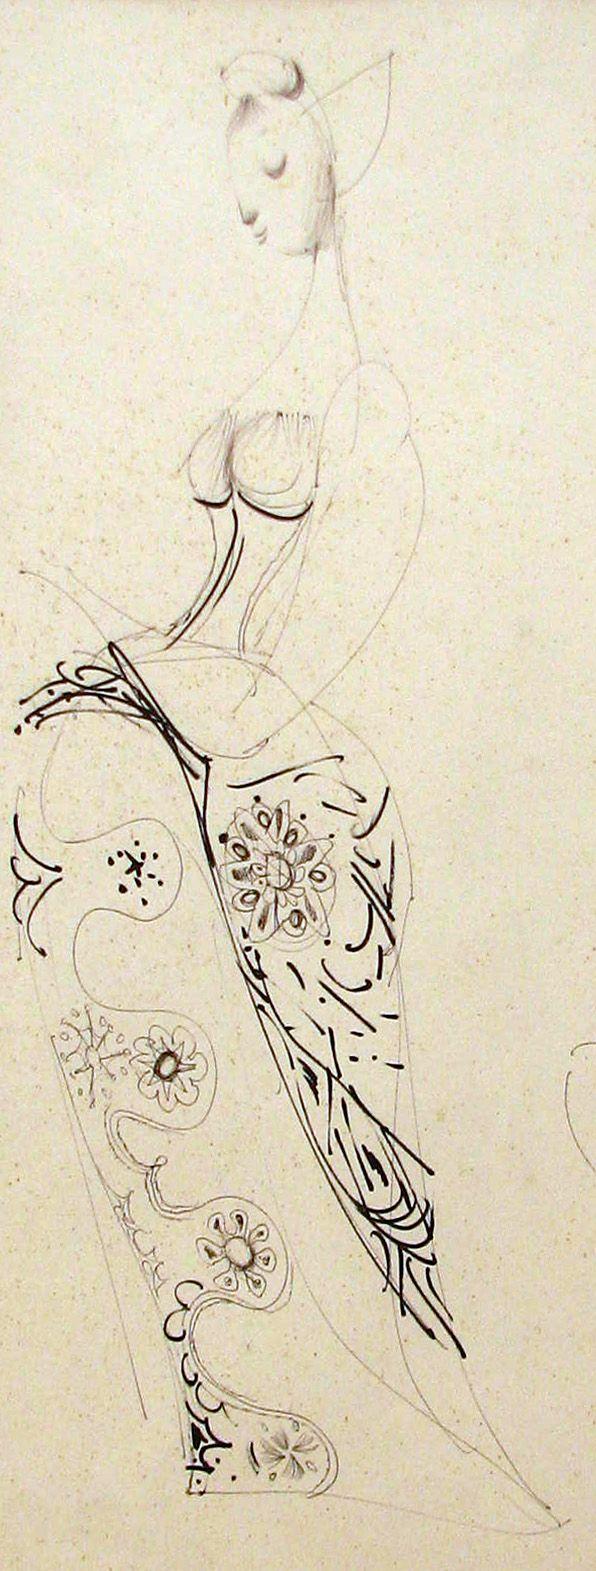 Trnka Jiří (1912 - 1969) : Kresba k filmu Archanděl Gabriel a paní Husa